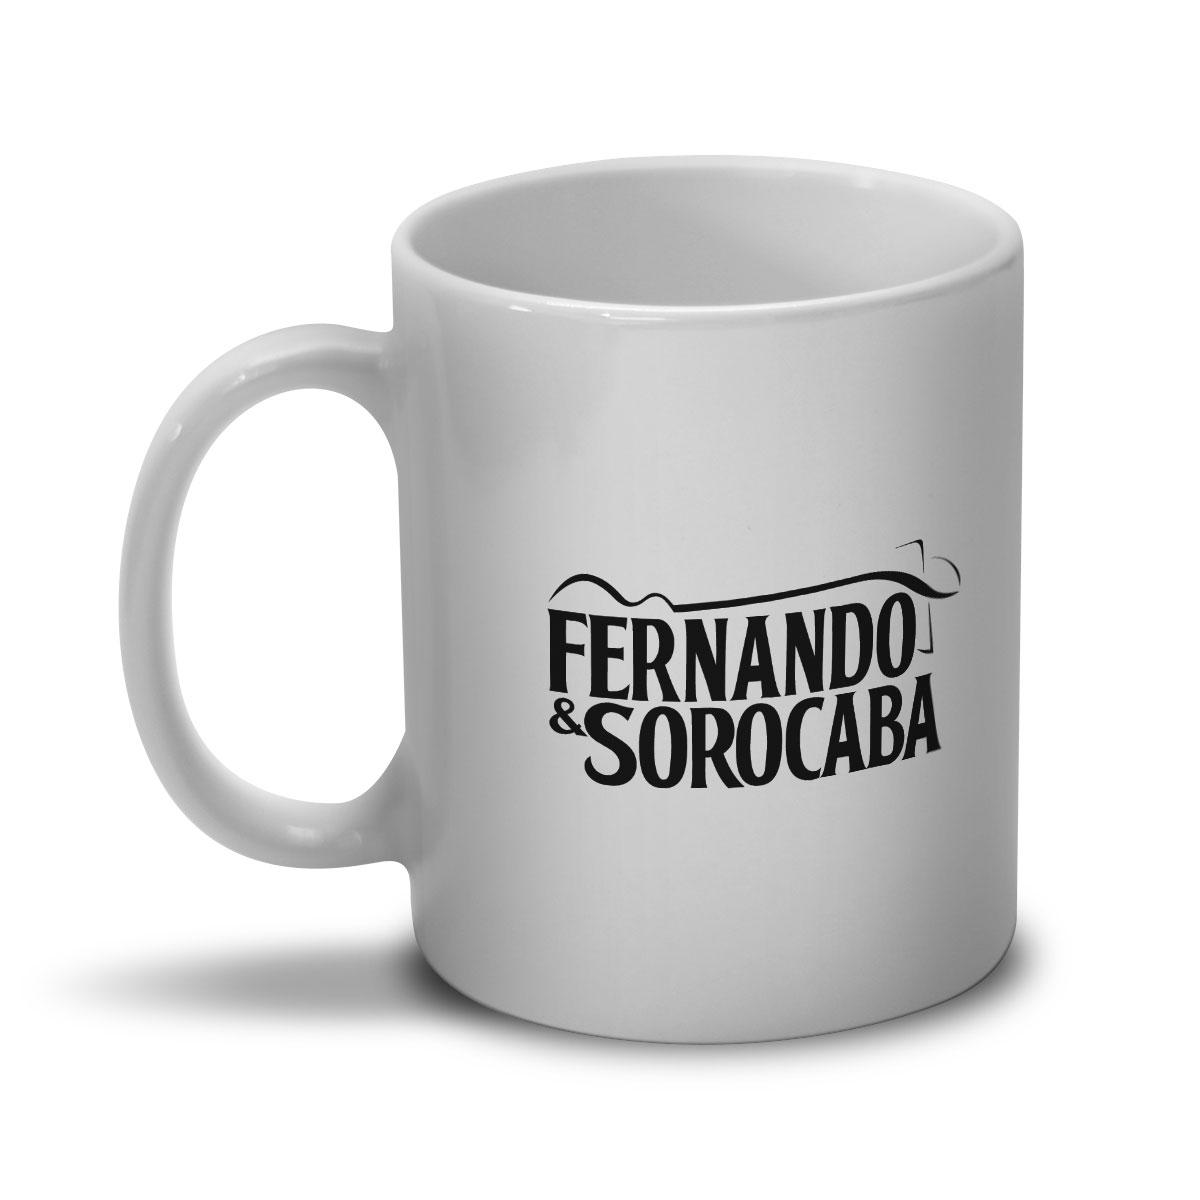 Caneca Fernado & Sorocaba Foto